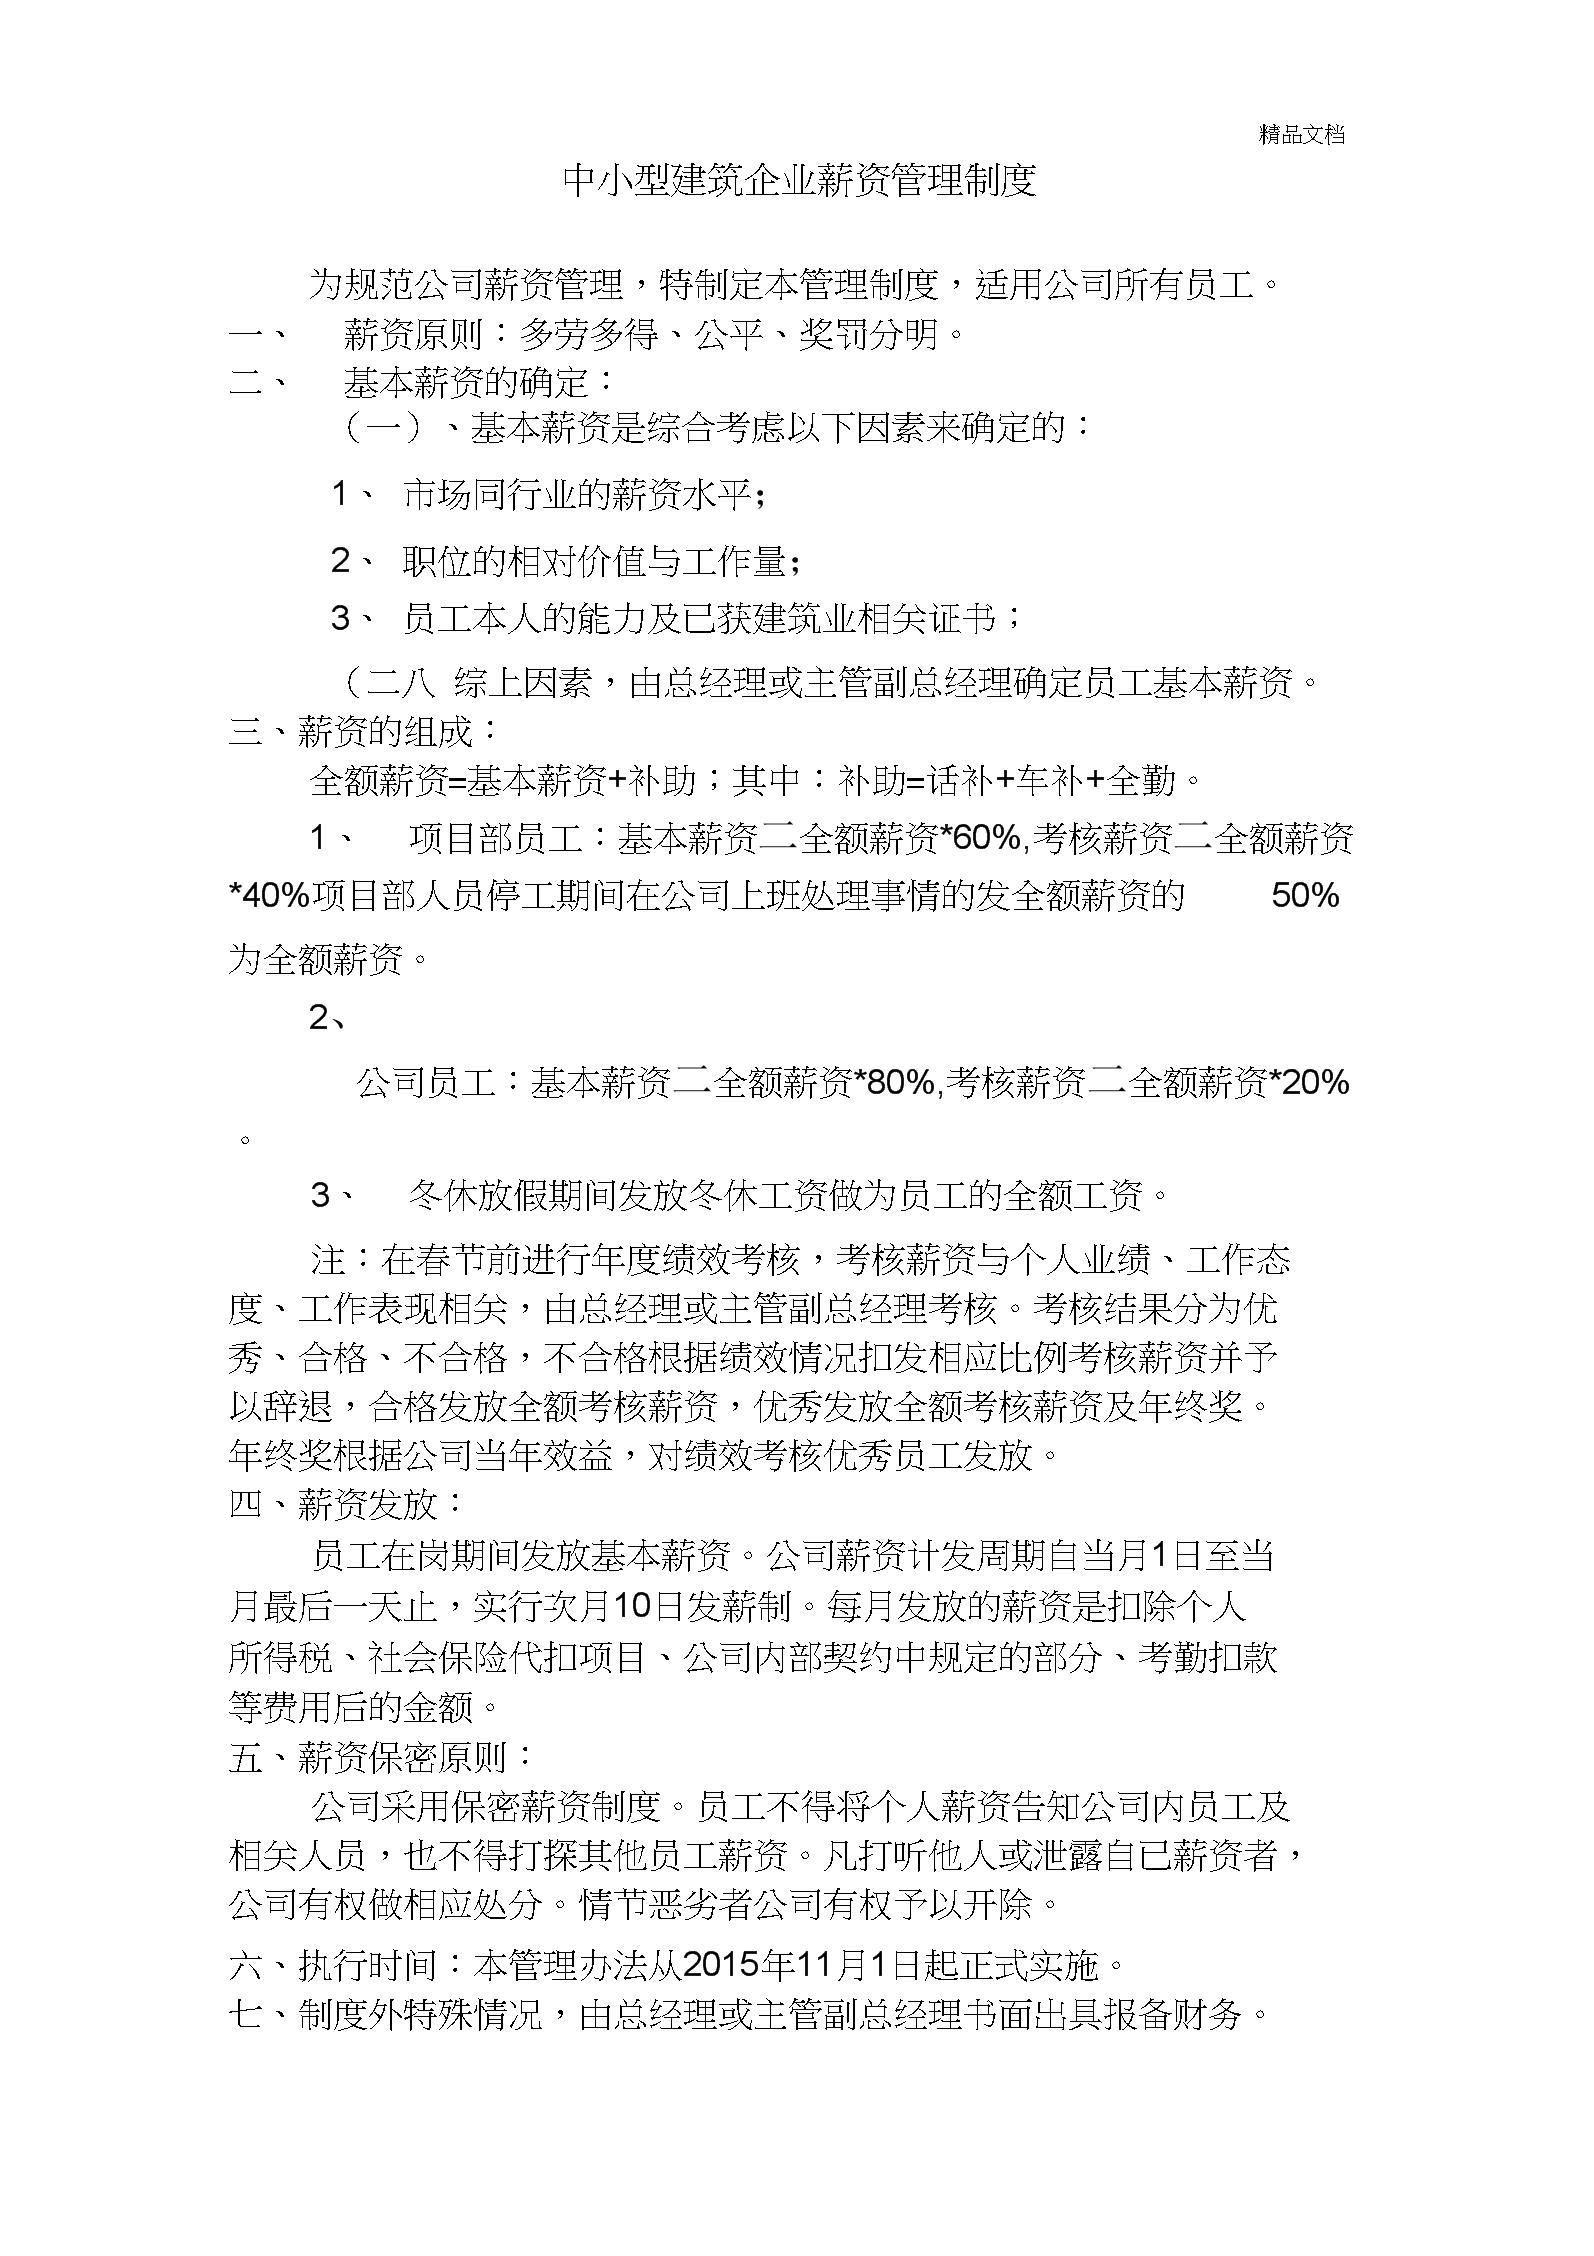 中小型建筑企业薪资管理制度.docx